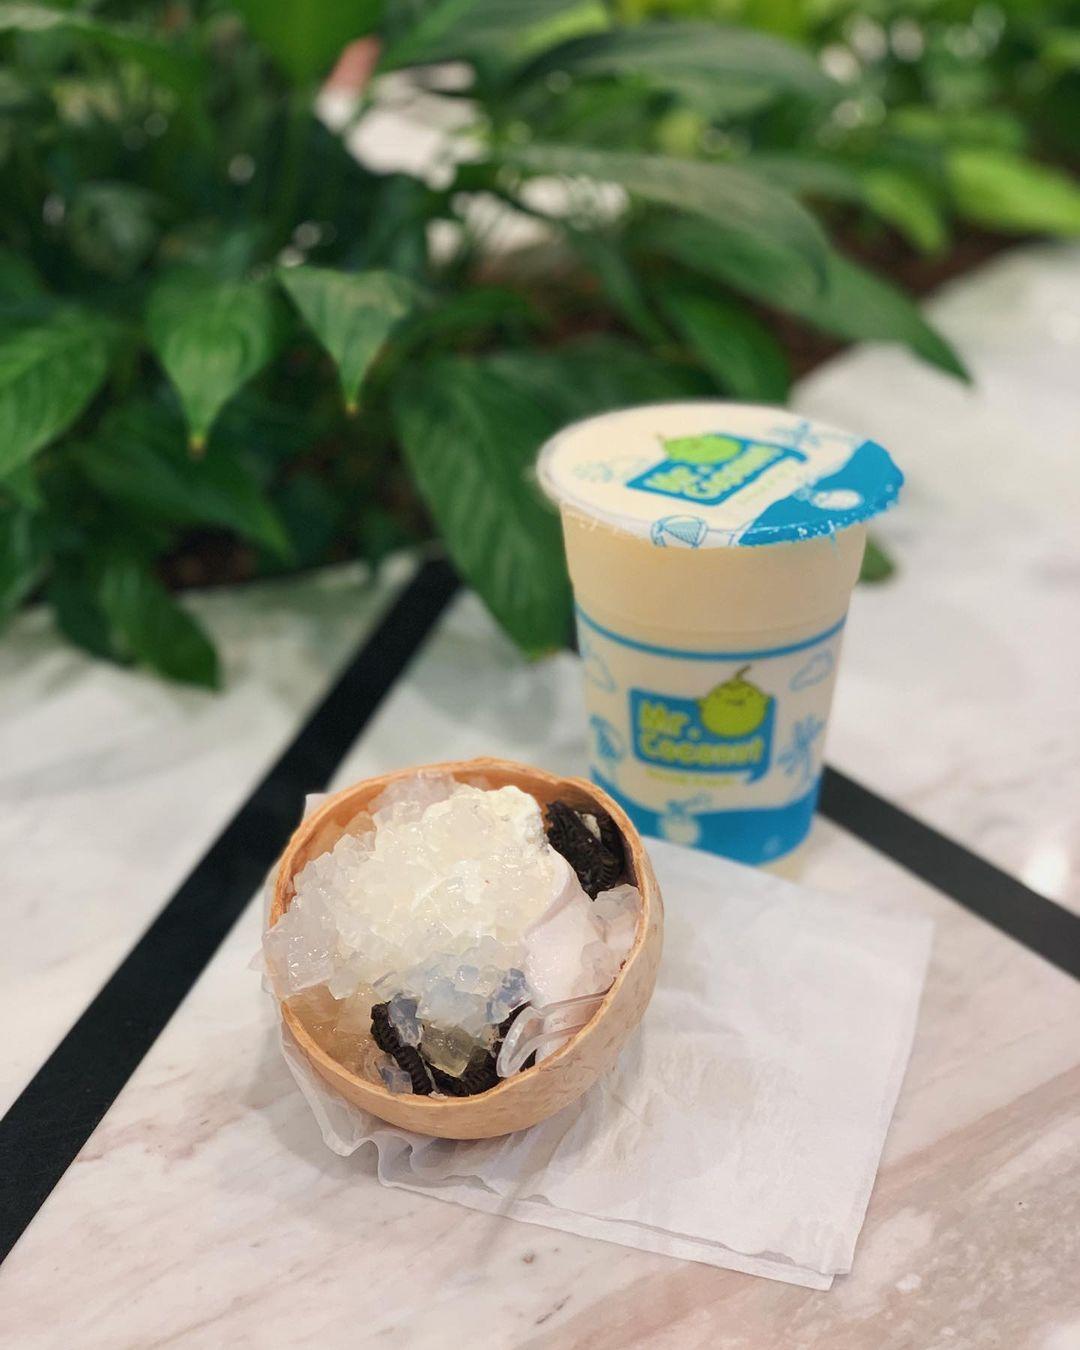 ice cream and shake